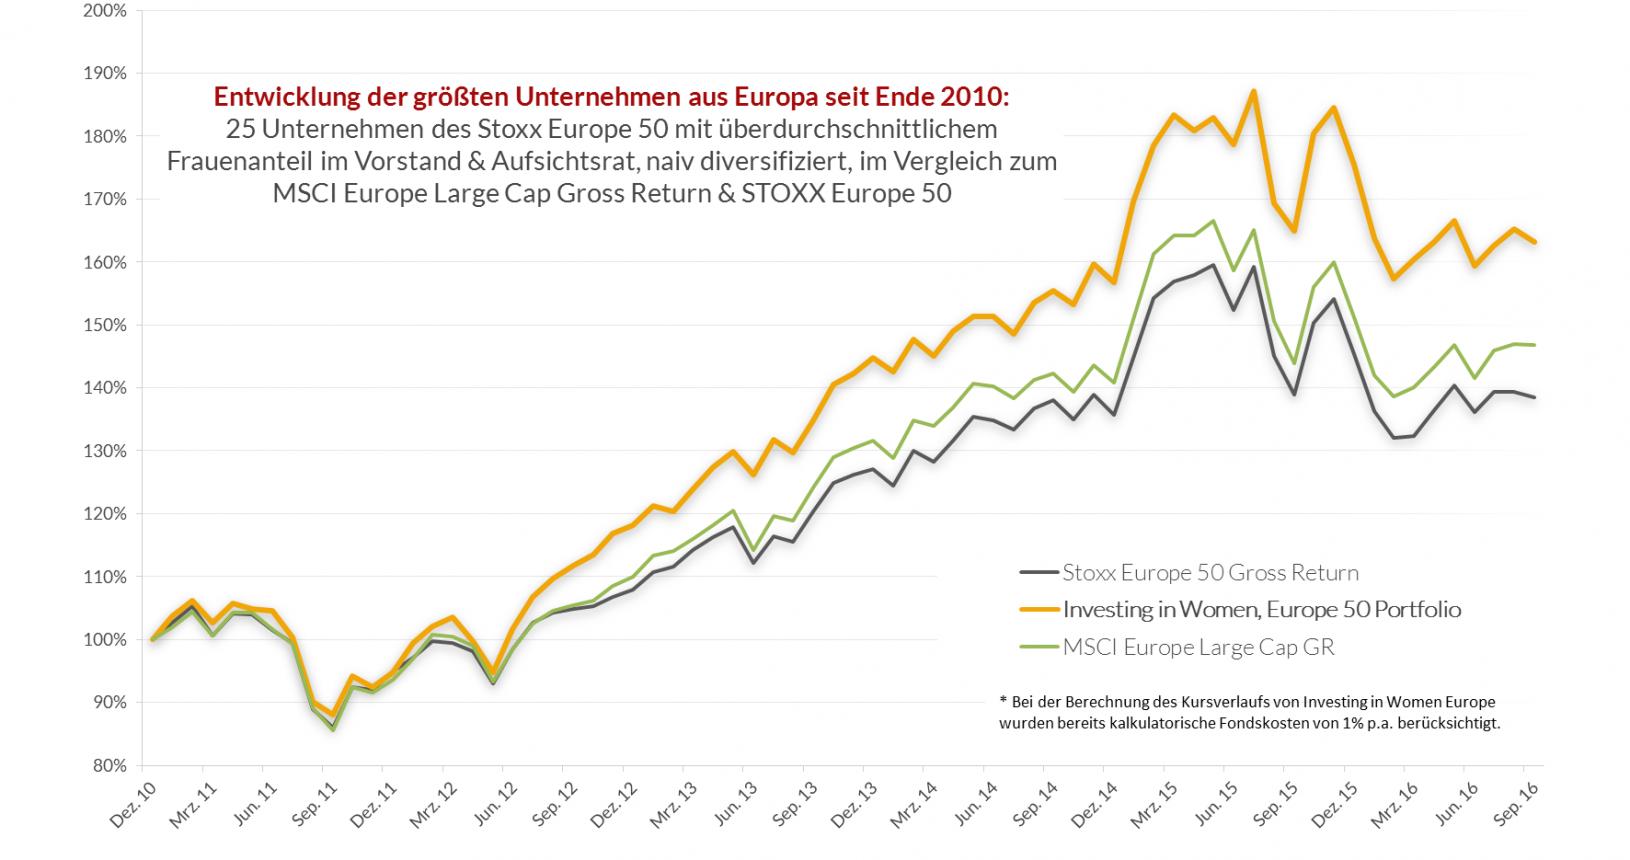 europe-50-portfolio-dt-9-16